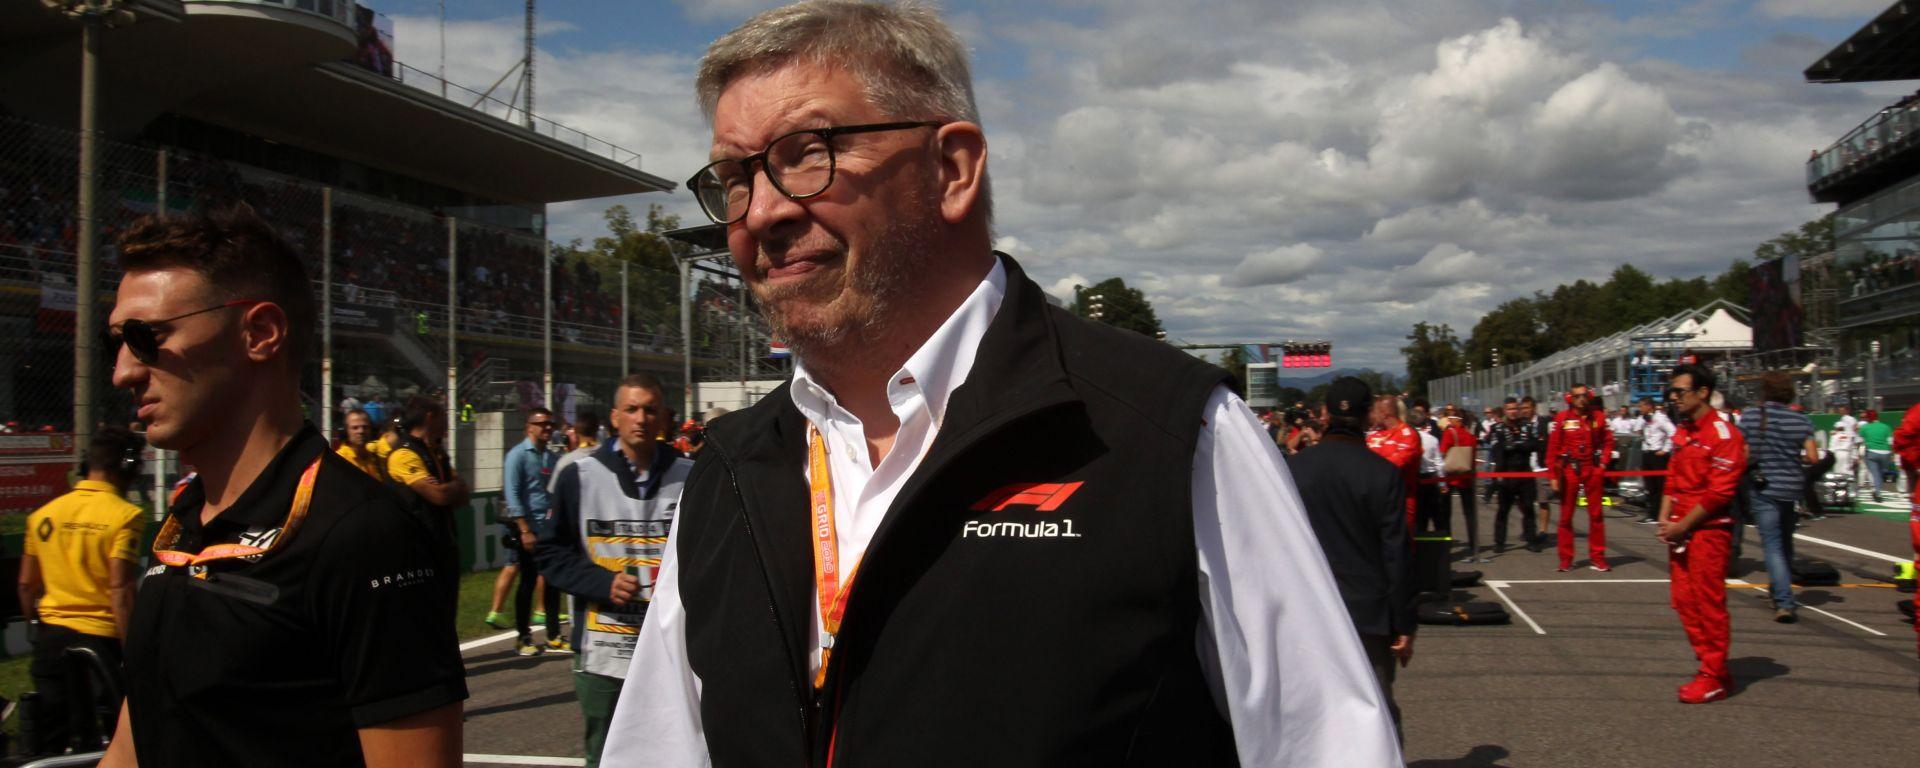 Coronavirus: la F1 cerca una nuova data per il GP Cina